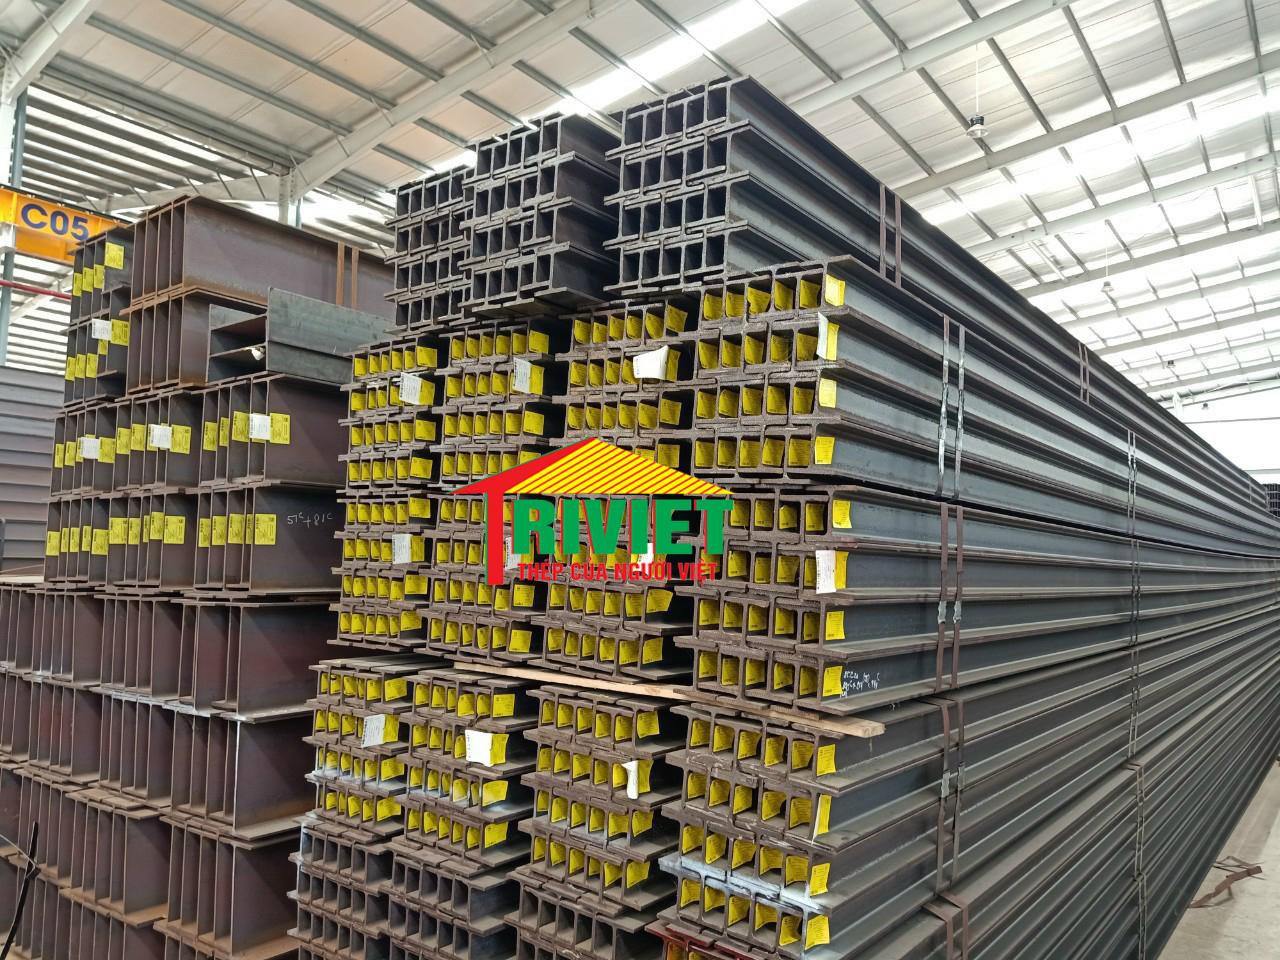 Cửa hàng sắt thép gần nhất, cửa hàng sắt thép xây dựng, cửa hàng thép xây dựng, cửa hàng bán sắt, cửa hàng bán sắt thép, cửa hàng sắt hộp